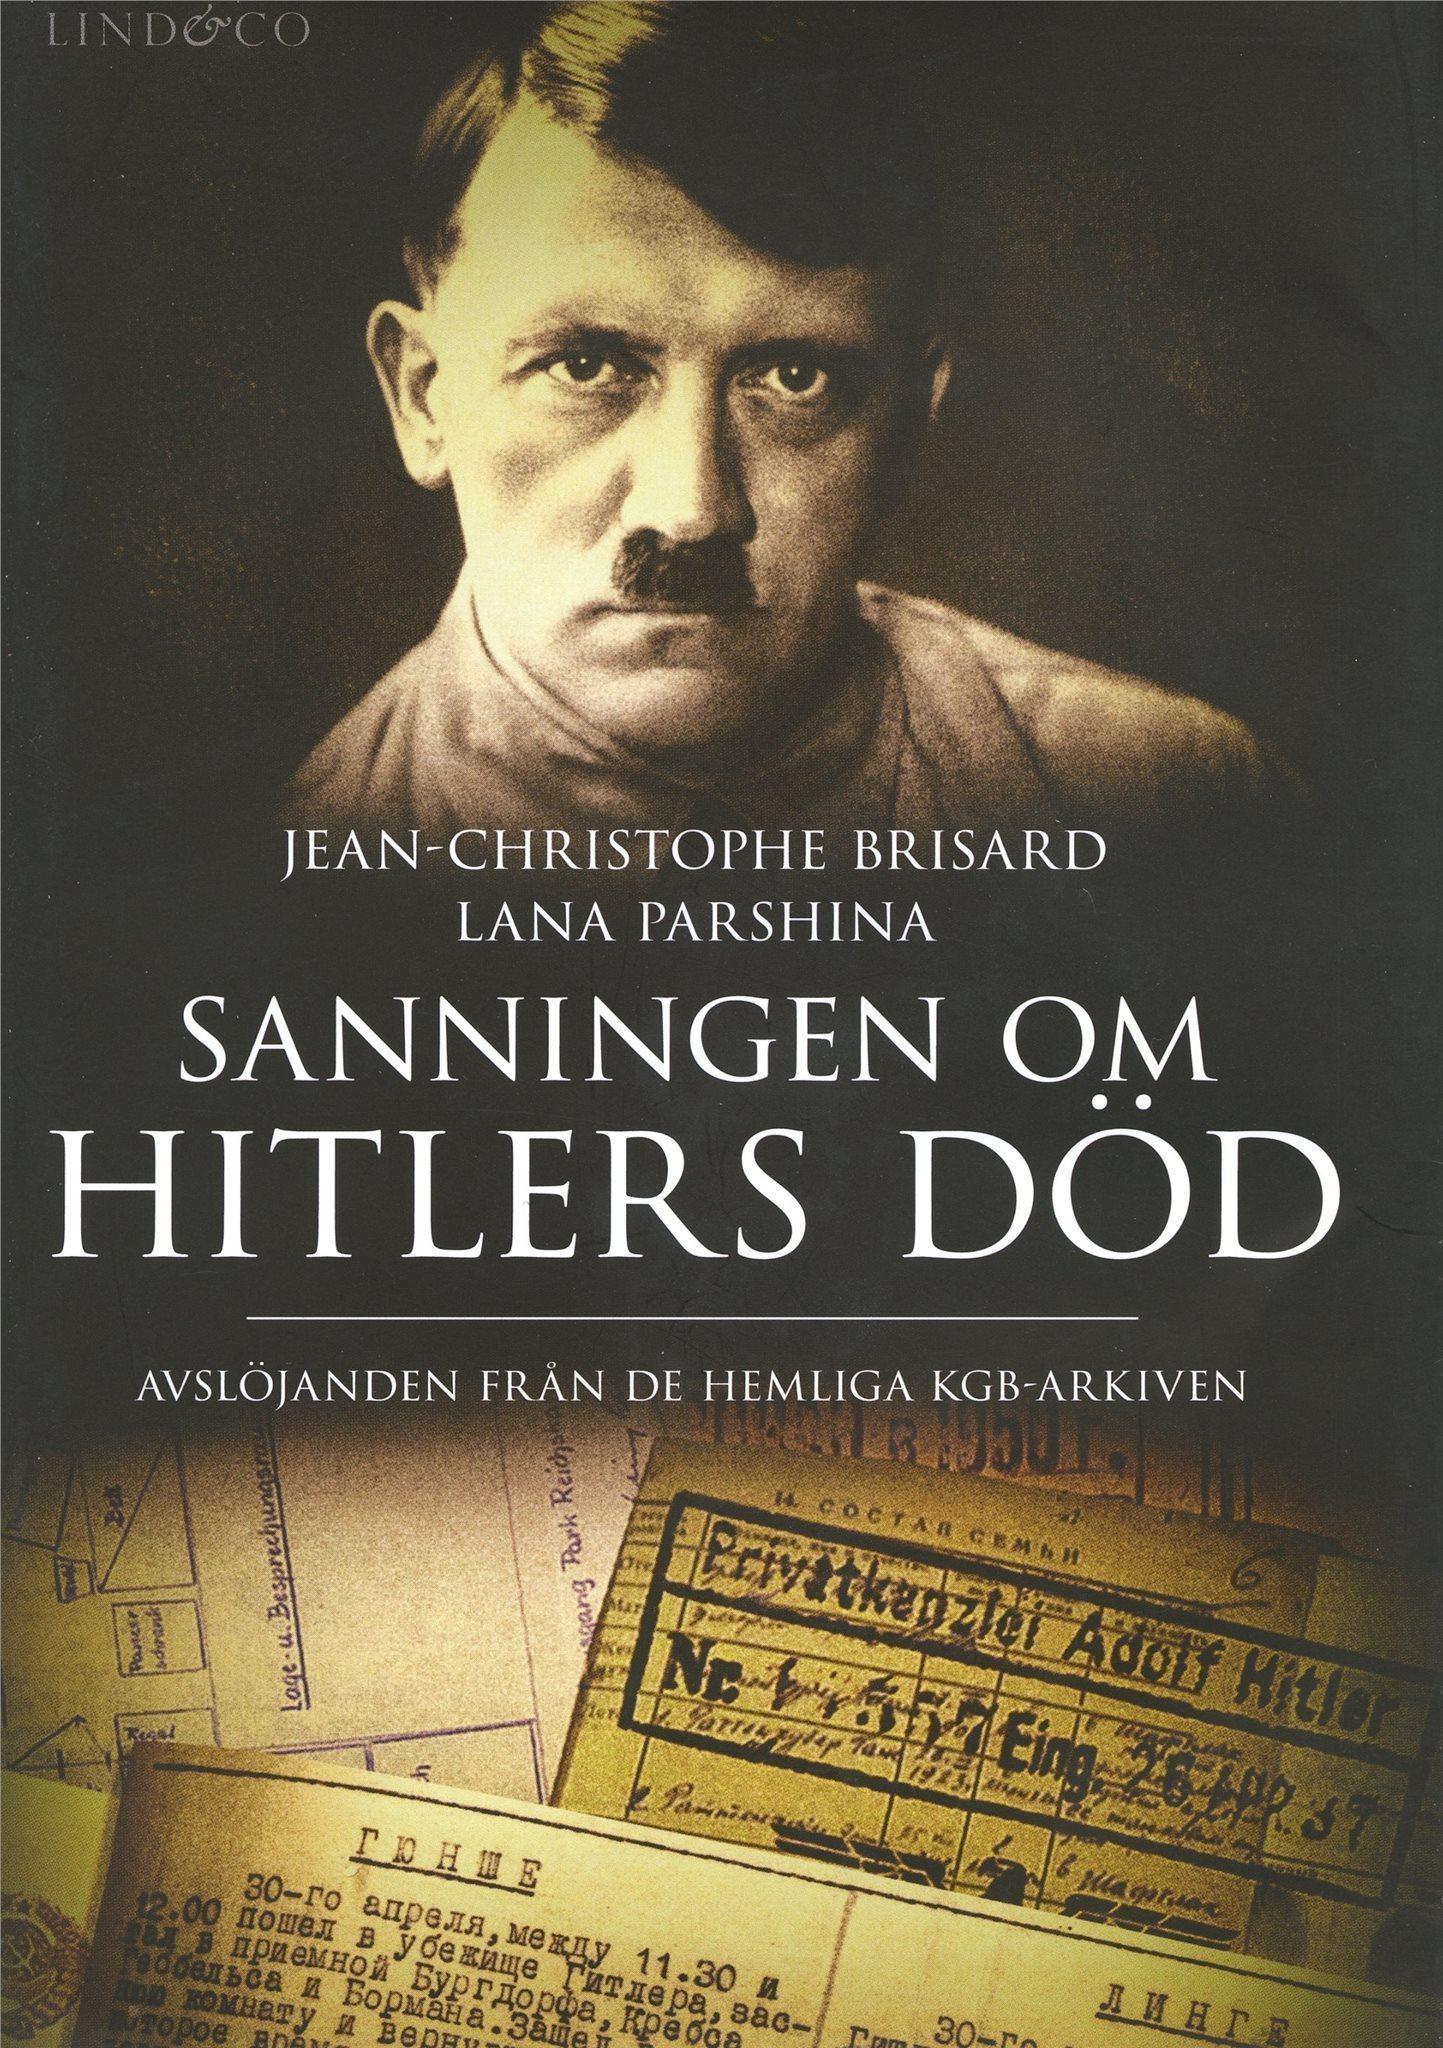 Ny bok: Sanningen om Hitlers död. (ur KGB-arkiven) Just utkommen. Förlagsny.